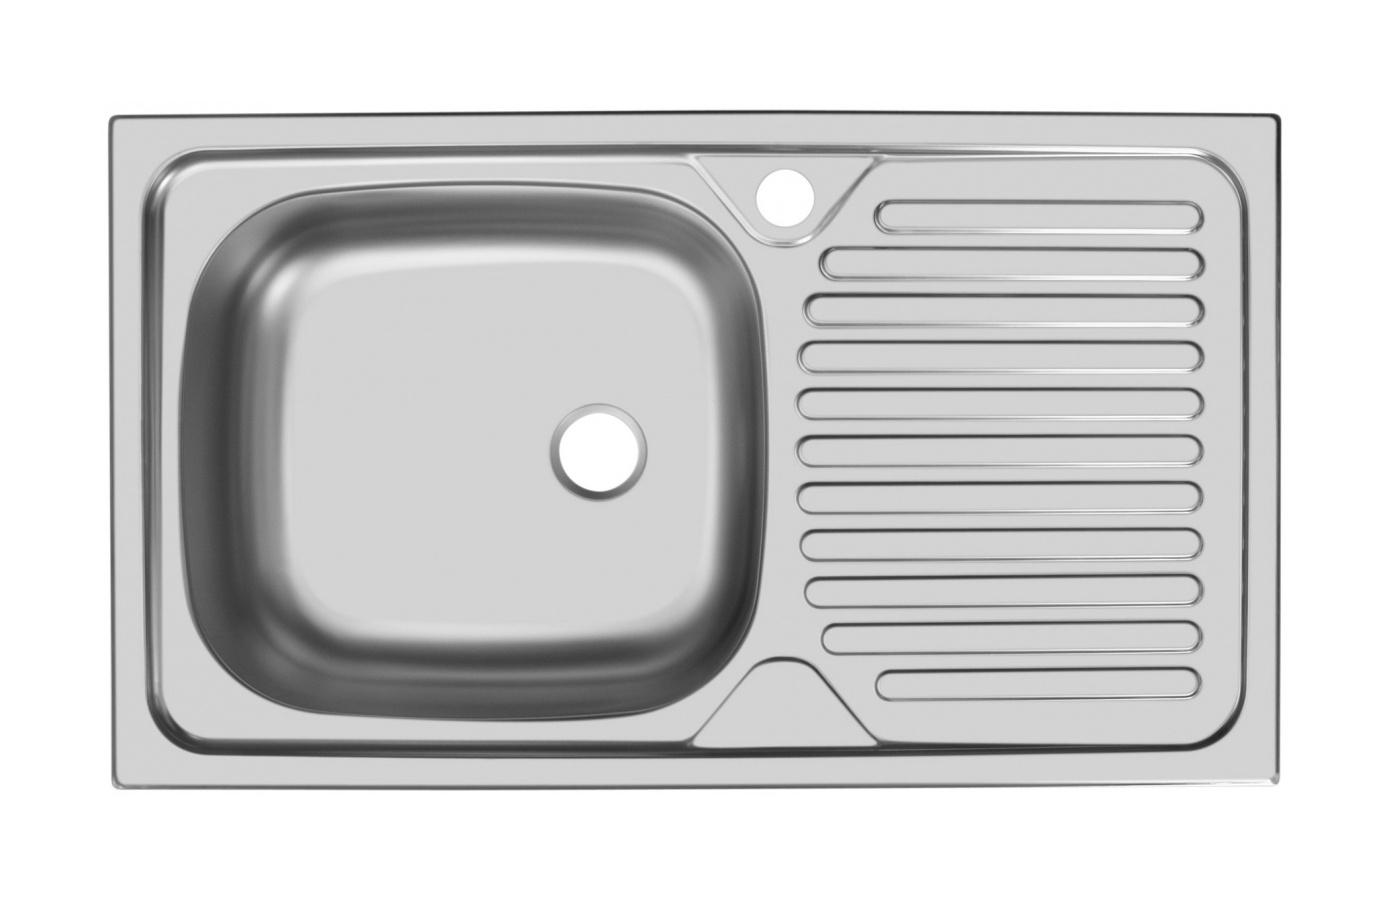 Прямоугольная врезная мойка с длинным крылом 179-74188